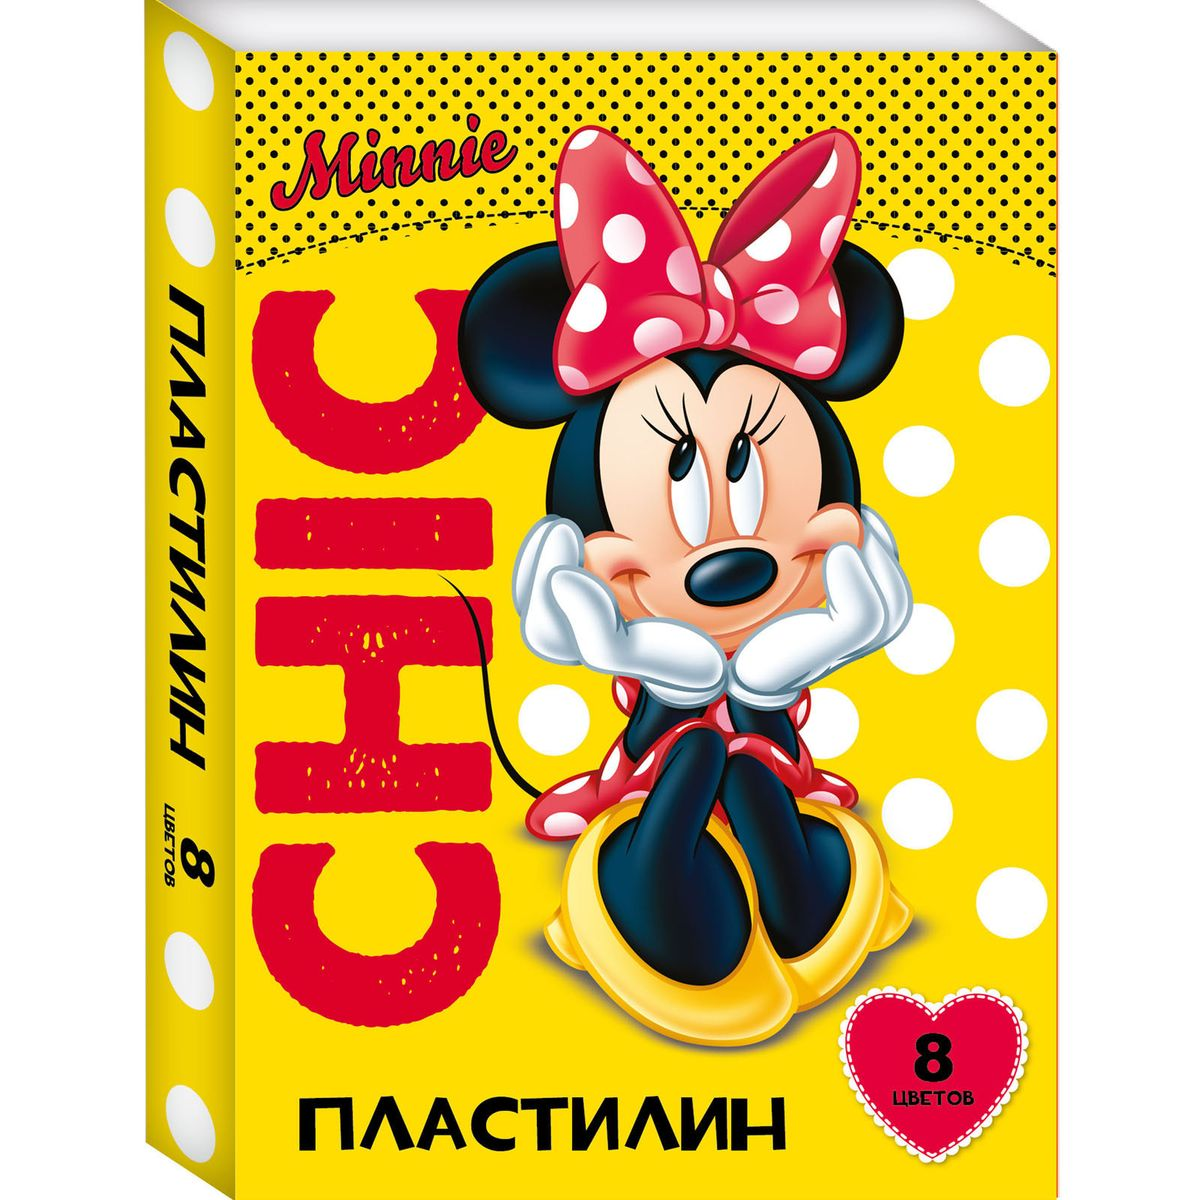 Disney Пластилин Минни 8 цветов37993Яркий и легко размягчающийся пластилин Disney Минни поможет вашему малышу создать множество интересных поделок, а очаровательная Минни Маус вдохновит кроху на новые творческие идеи. Лепить из этого пластилина - одно удовольствие: он обладает отличными пластичными свойствами, не липнет к рукам, не имеет запаха, безопасен при использовании по назначению. Смешивайте цвета, фантазируйте, экспериментируйте и развивайте своего малыша: лепка активно тренирует у ребенка мелкую моторику и умение работать пальчиками, развивает тактильное восприятие формы, веса и фактуры, совершенствует воображение и пространственное мышление. А главное - лепить фигурки в компании любимой героини невероятно весело! В наборе 8 цветов пластилина, которые легко смешиваются друг с другом. Состав: парафин, петролатум, мел, каолин, красители.